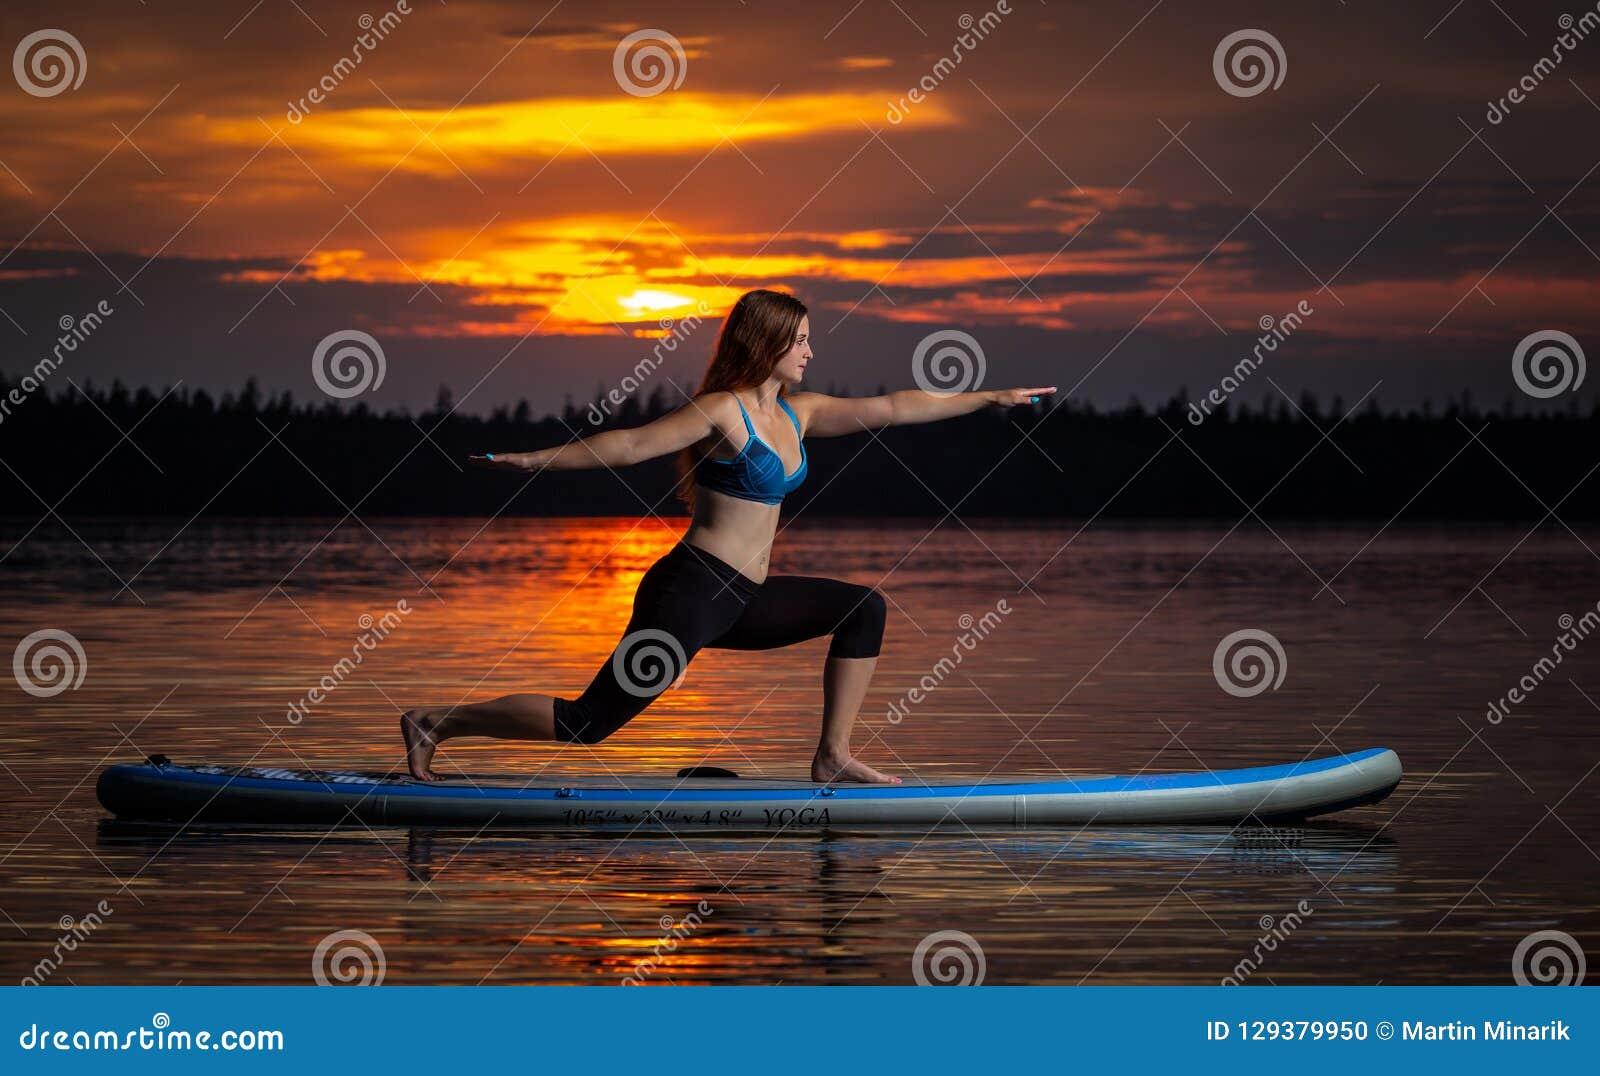 Flicka som övar yoga på paddleboard i solnedgången på den sceniska sjön Velke Darko